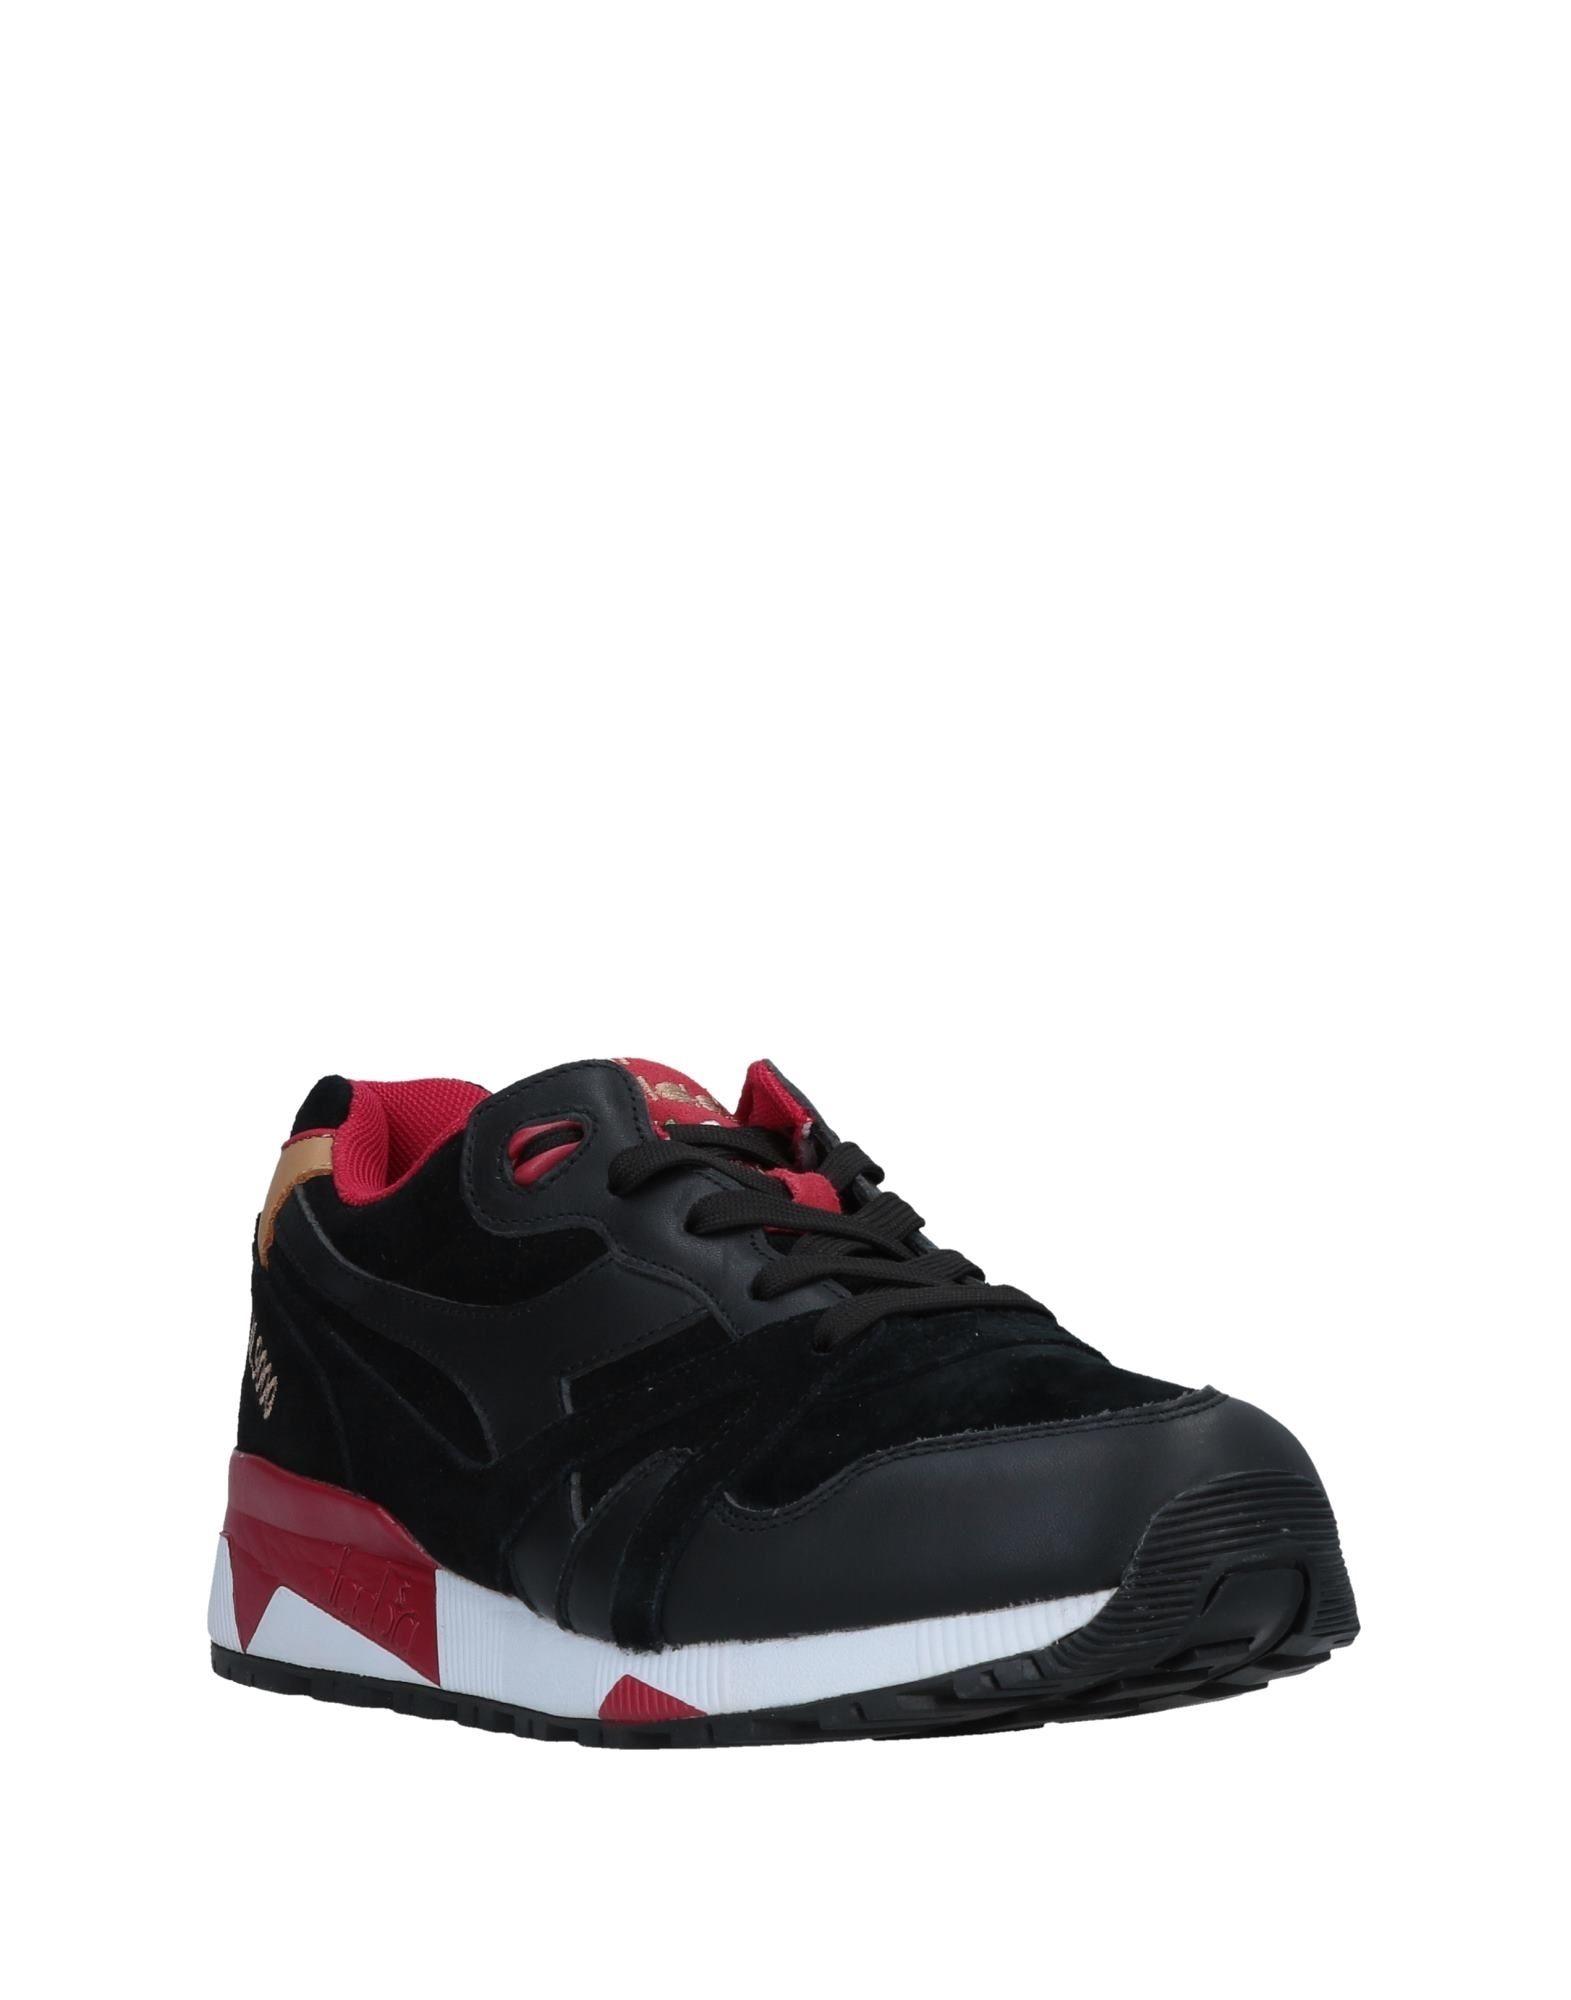 Herren Diadora Sneakers Herren   11506895NI Heiße Schuhe e9c5f5